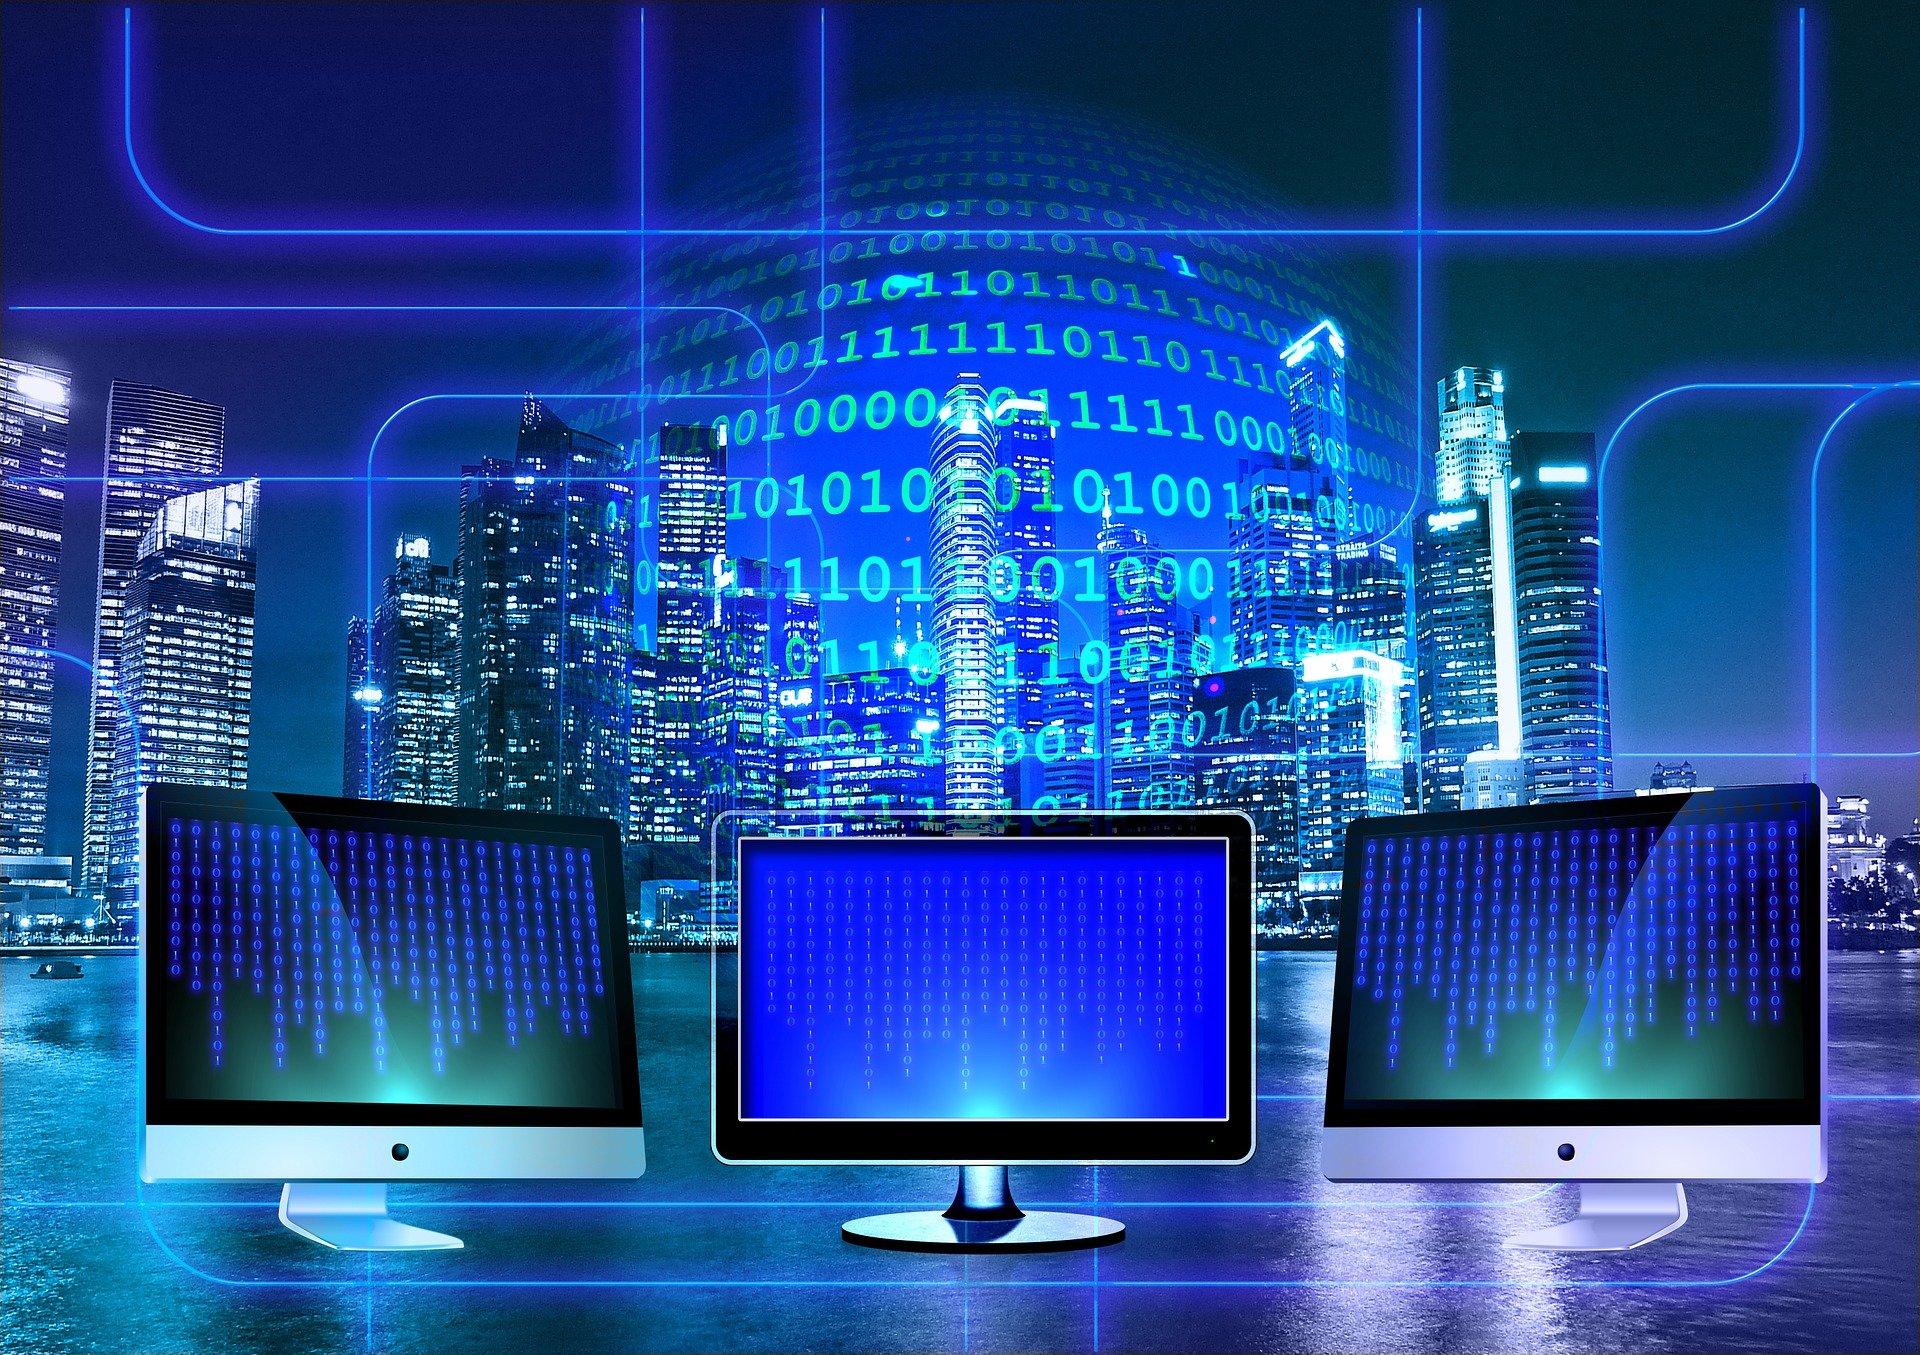 Vantaggi dell'utilizzo delle tecnologie informatiche per le medie imprese